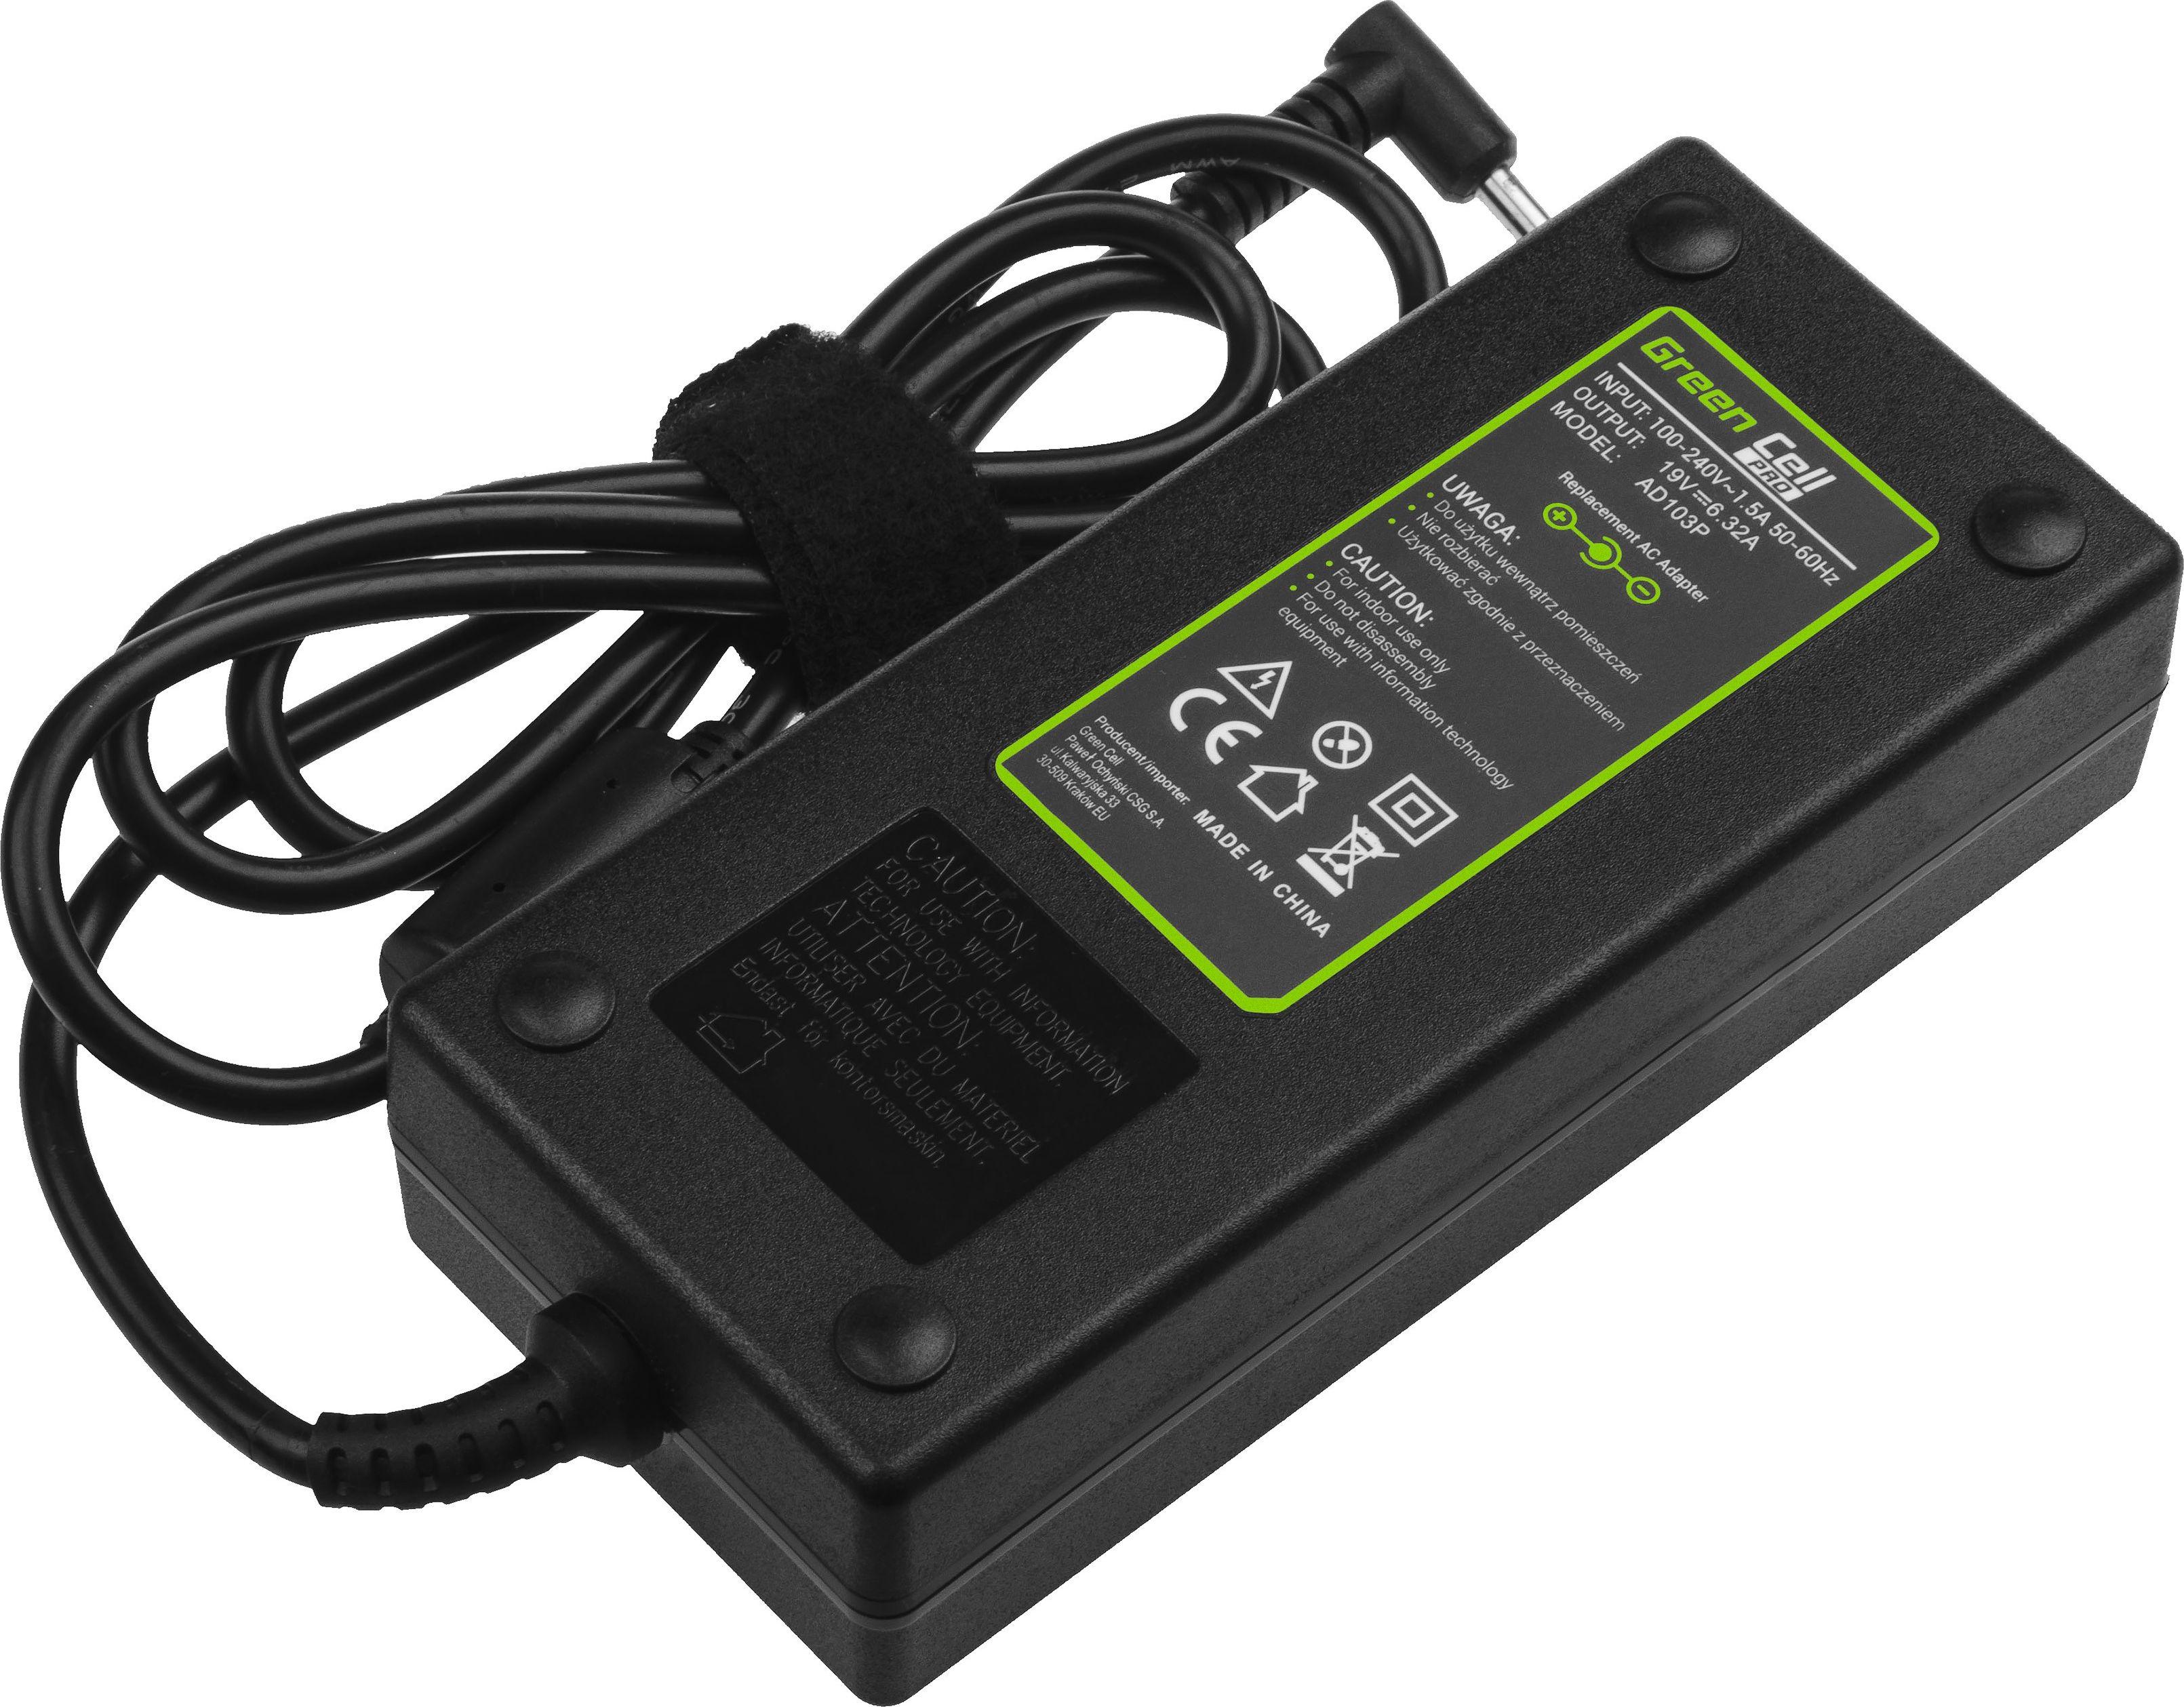 Green Cell PRO Charger  AC Adapter for Asus N501J N501JW Zenbook Pro UX501 19V 6.32A 120W aksesuārs portatīvajiem datoriem